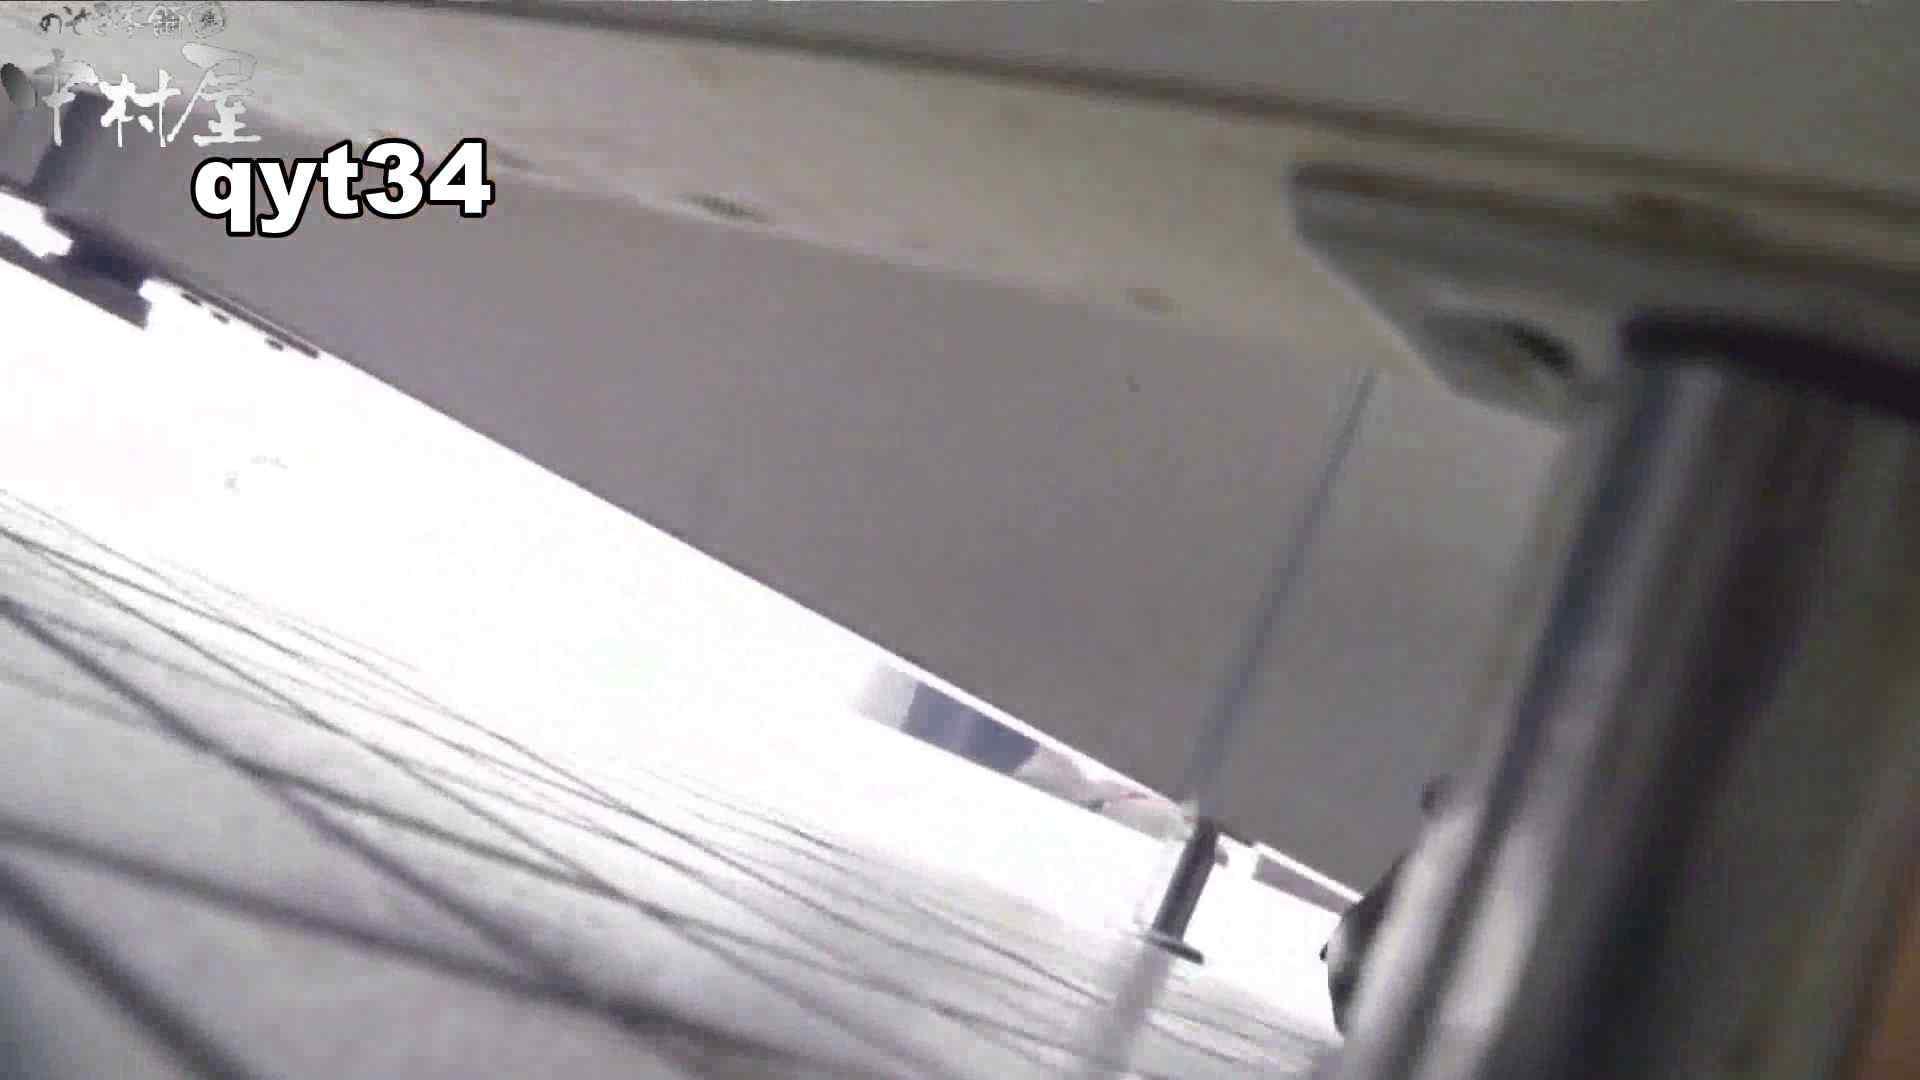 【お銀さんの「洗面所突入レポート!!」】お銀さんの「洗面所突入レポート!!」 vol.34 出る様子をご確認ください OL女体 ワレメ動画紹介 44連発 26